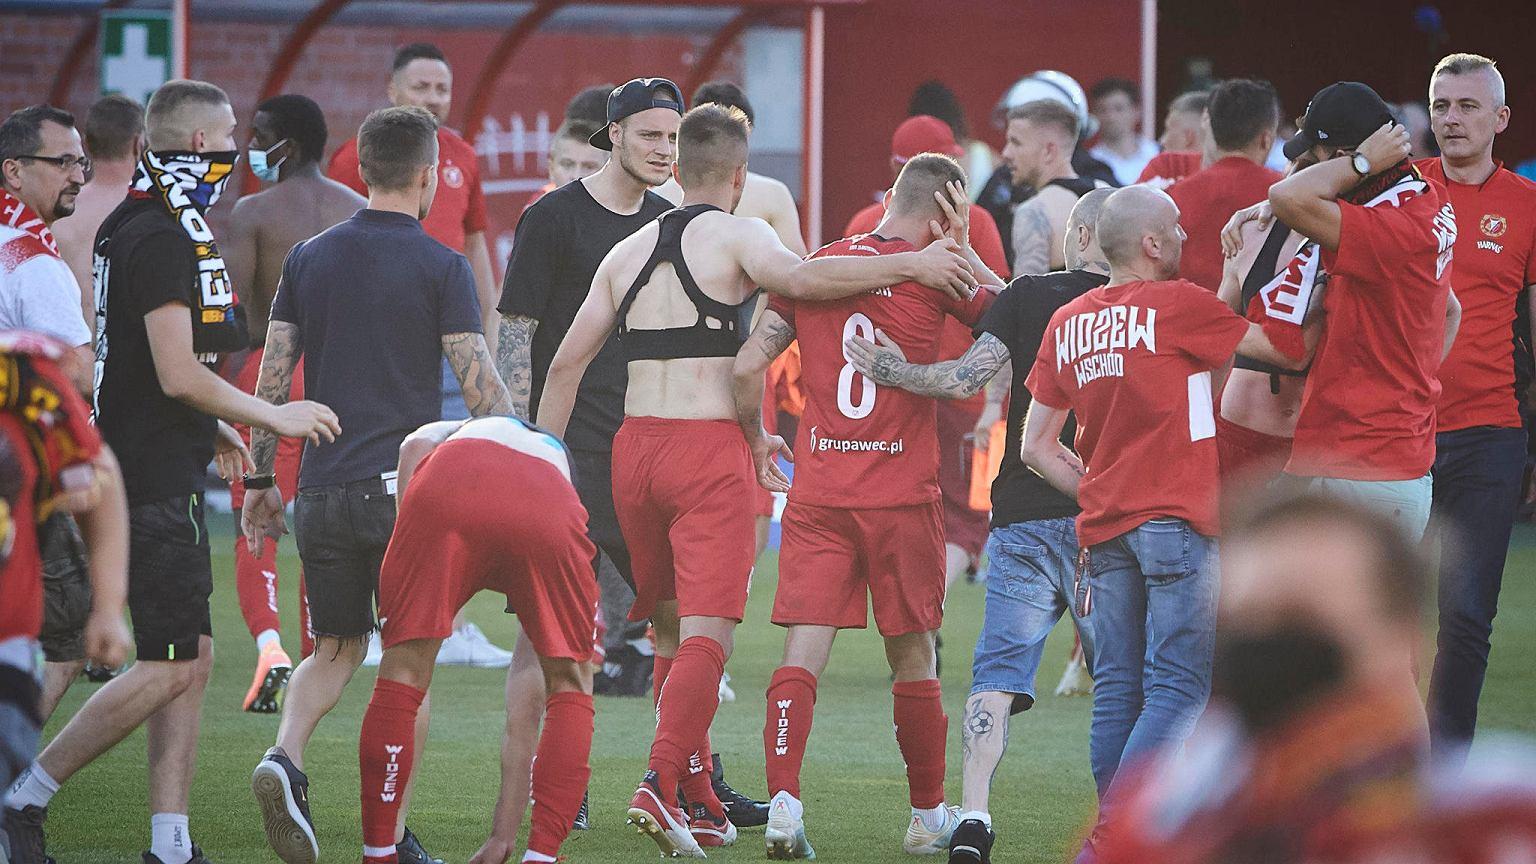 Pseudofeta kibiców Widzewa. Poniżyli piłkarzy. Nadszedł czas rozliczeń Piłka nożna - Sport.pl